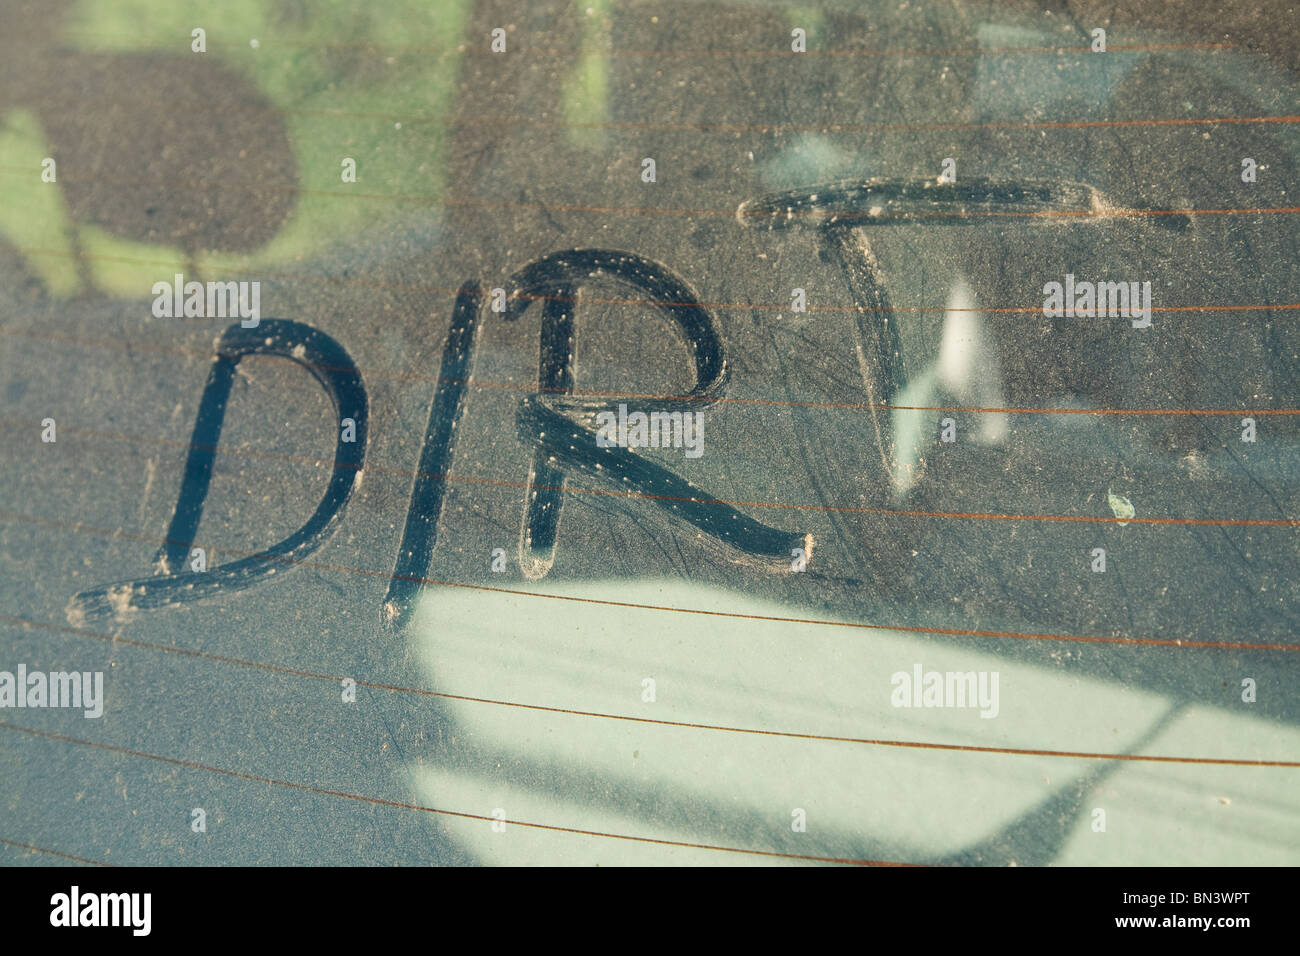 La palabra escrita en el dedo sucio sucio car window Imagen De Stock